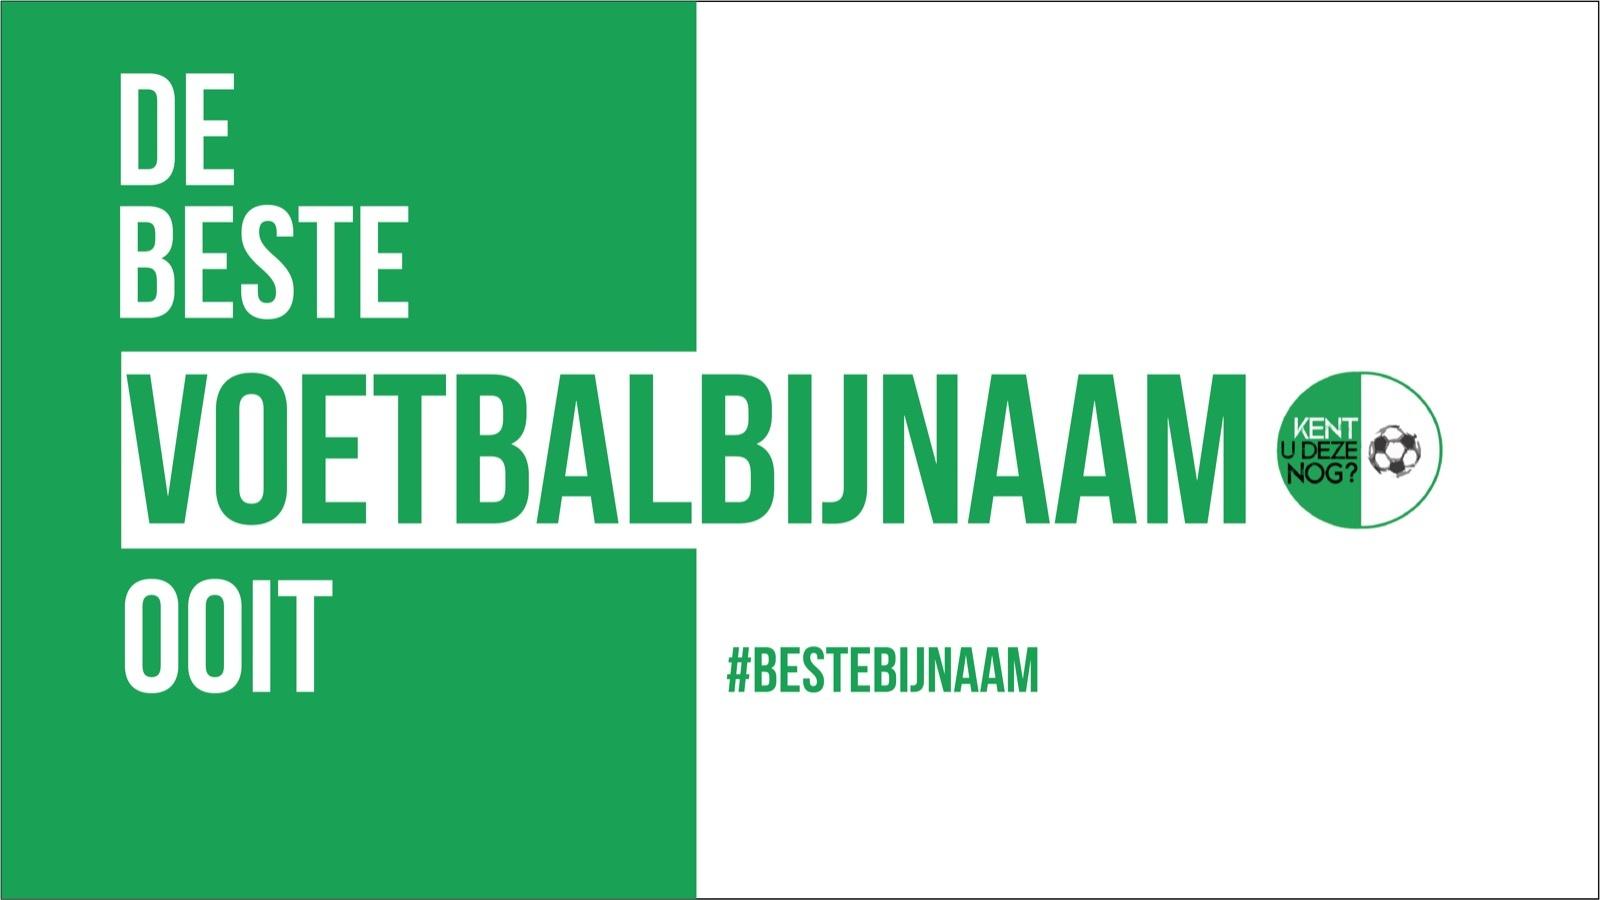 Verkiezing #BesteBijnaam